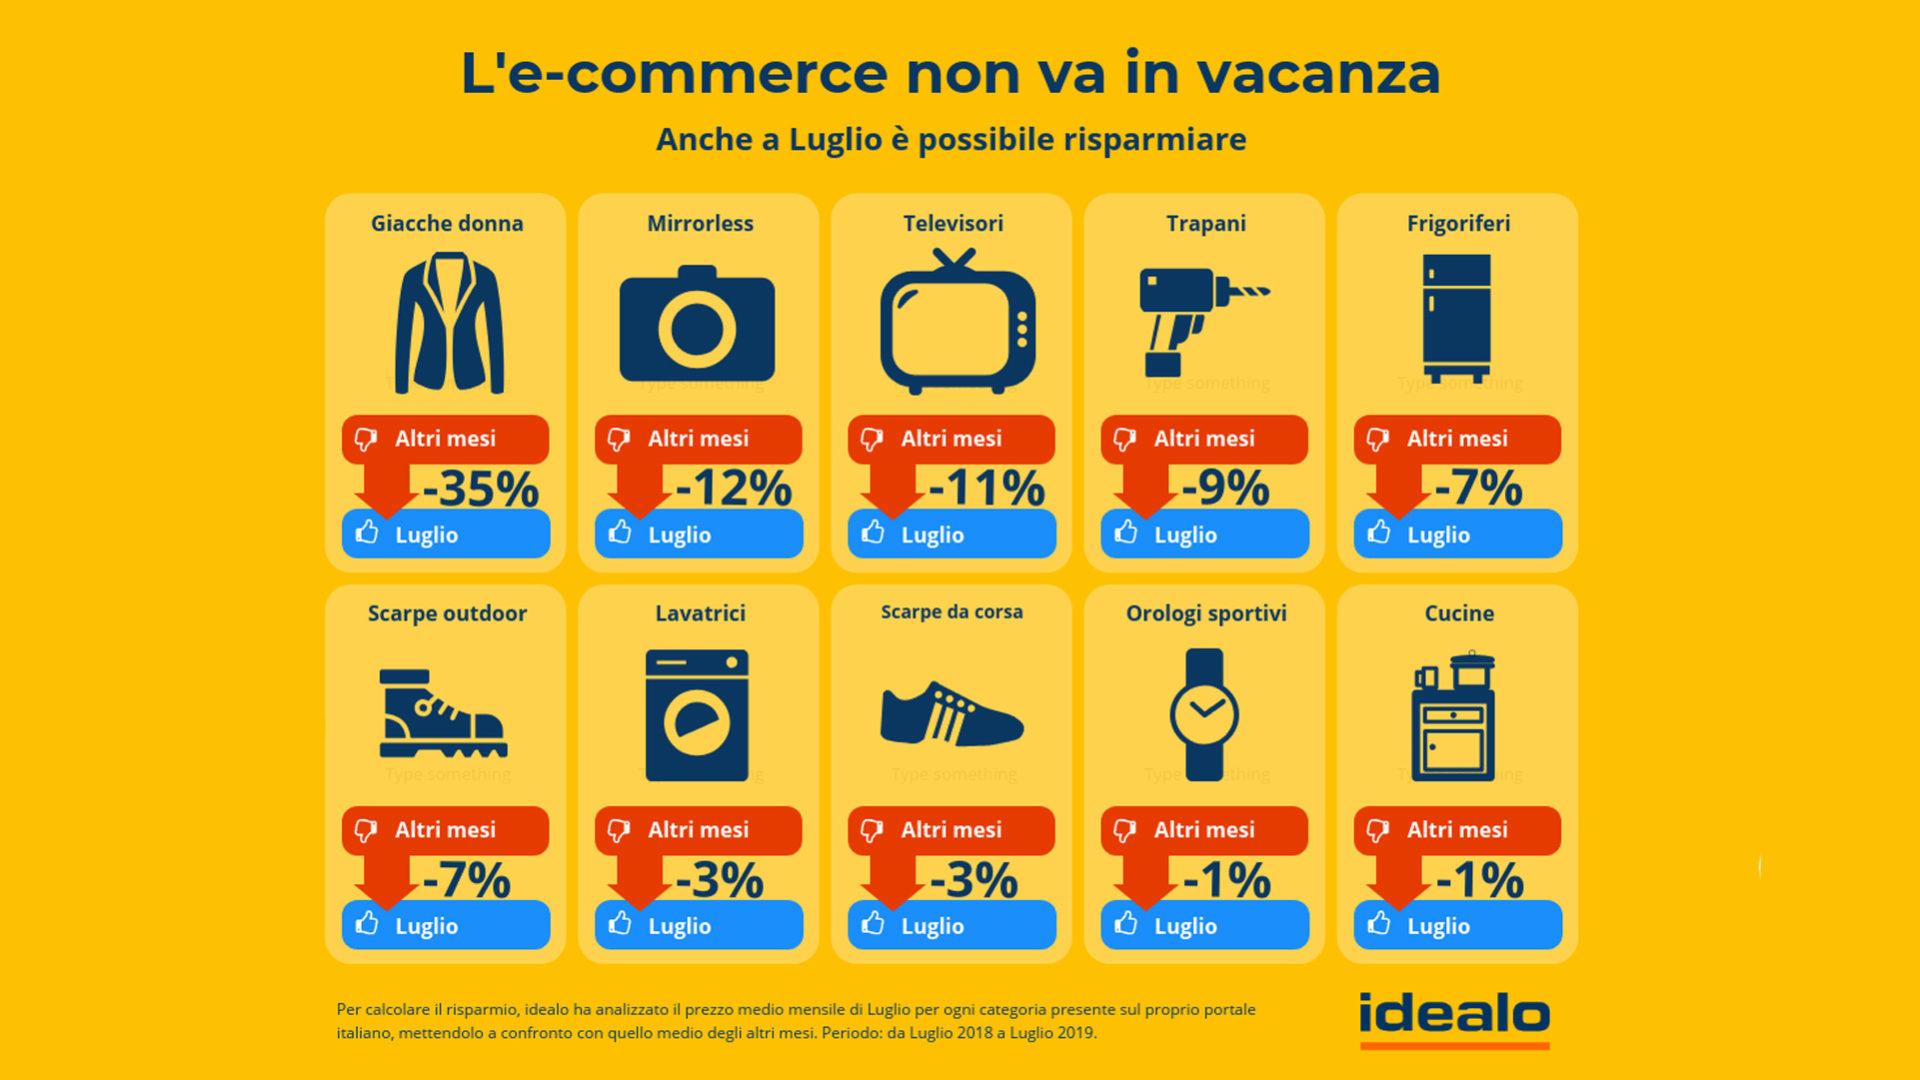 infografica idealo e-commerce luglio